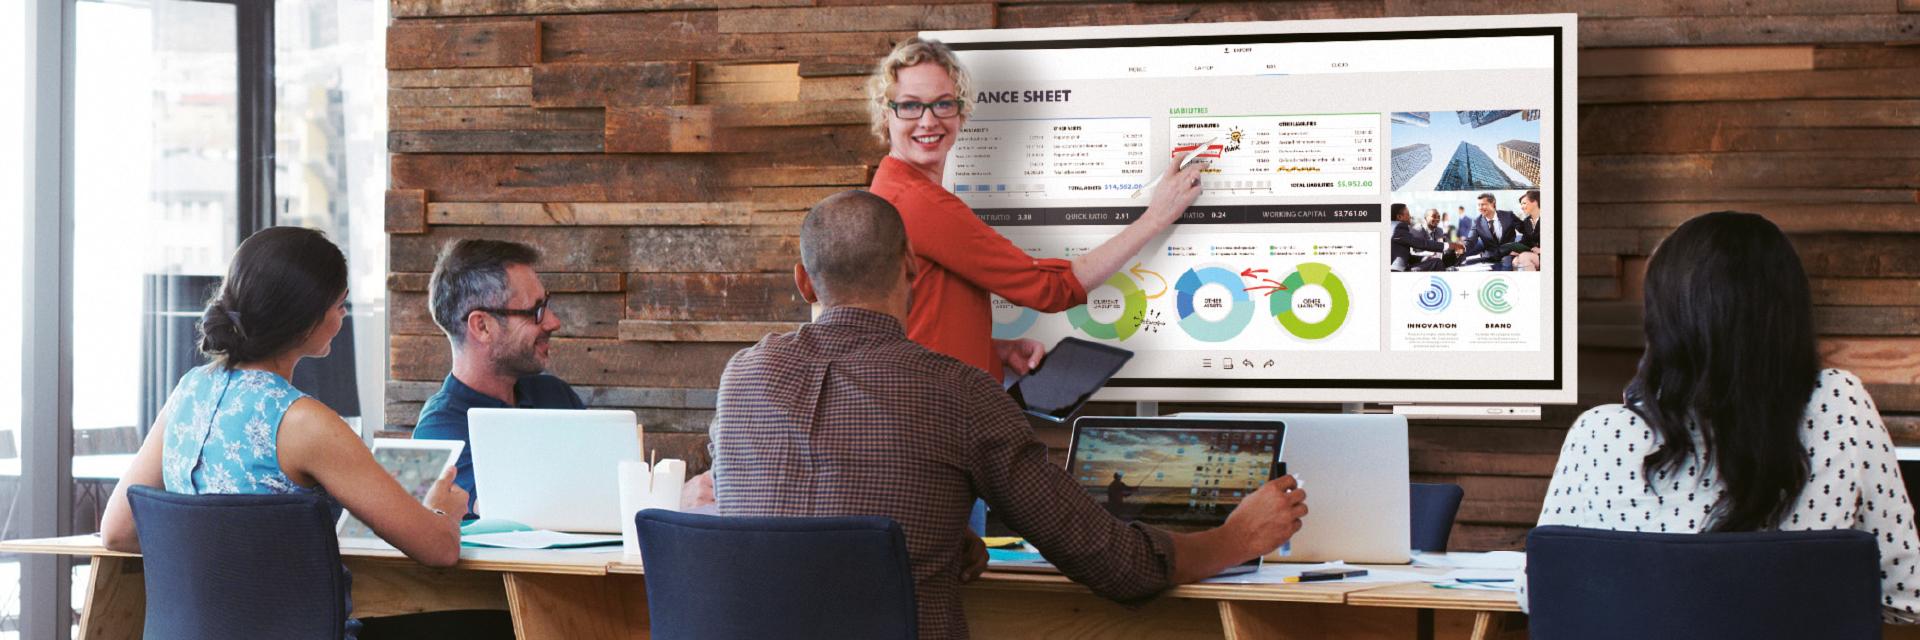 Monitor Interaktywny jako nowoczesne narzędzie w pracy nauczyciela